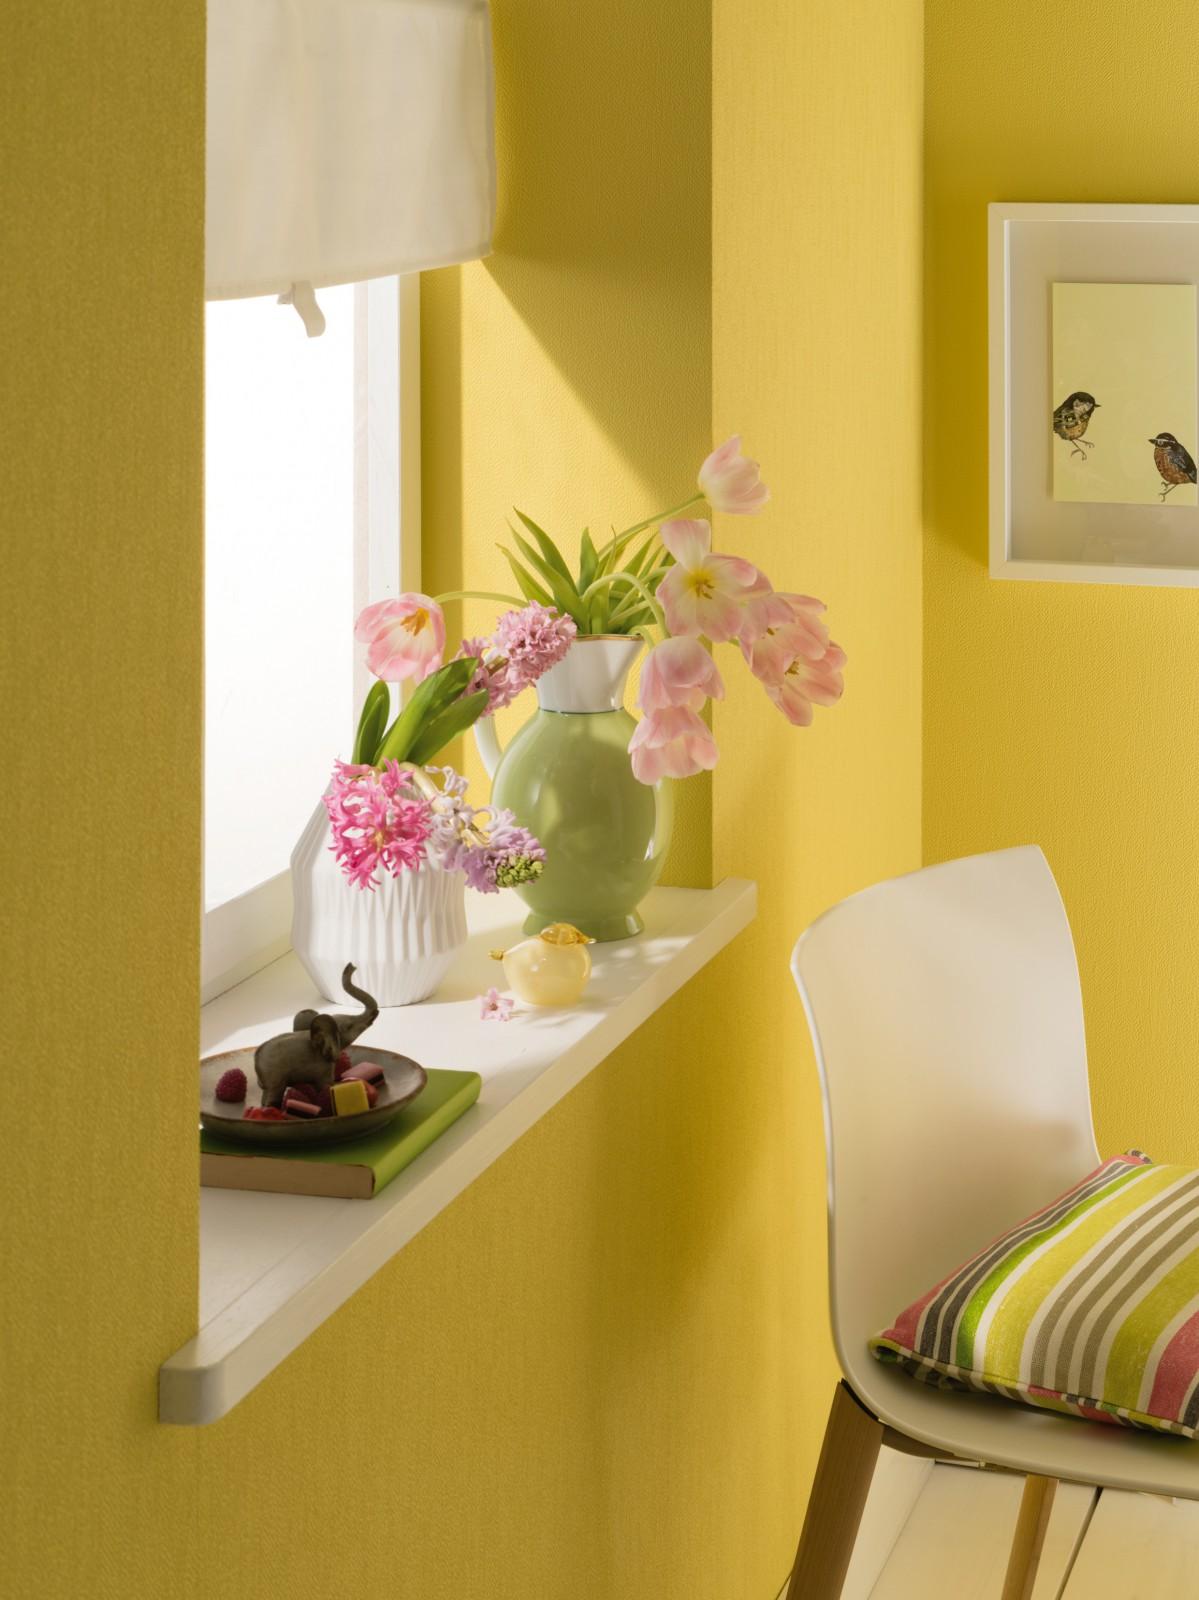 zuhause wohnen tapete einfarbig gelb 57156. Black Bedroom Furniture Sets. Home Design Ideas